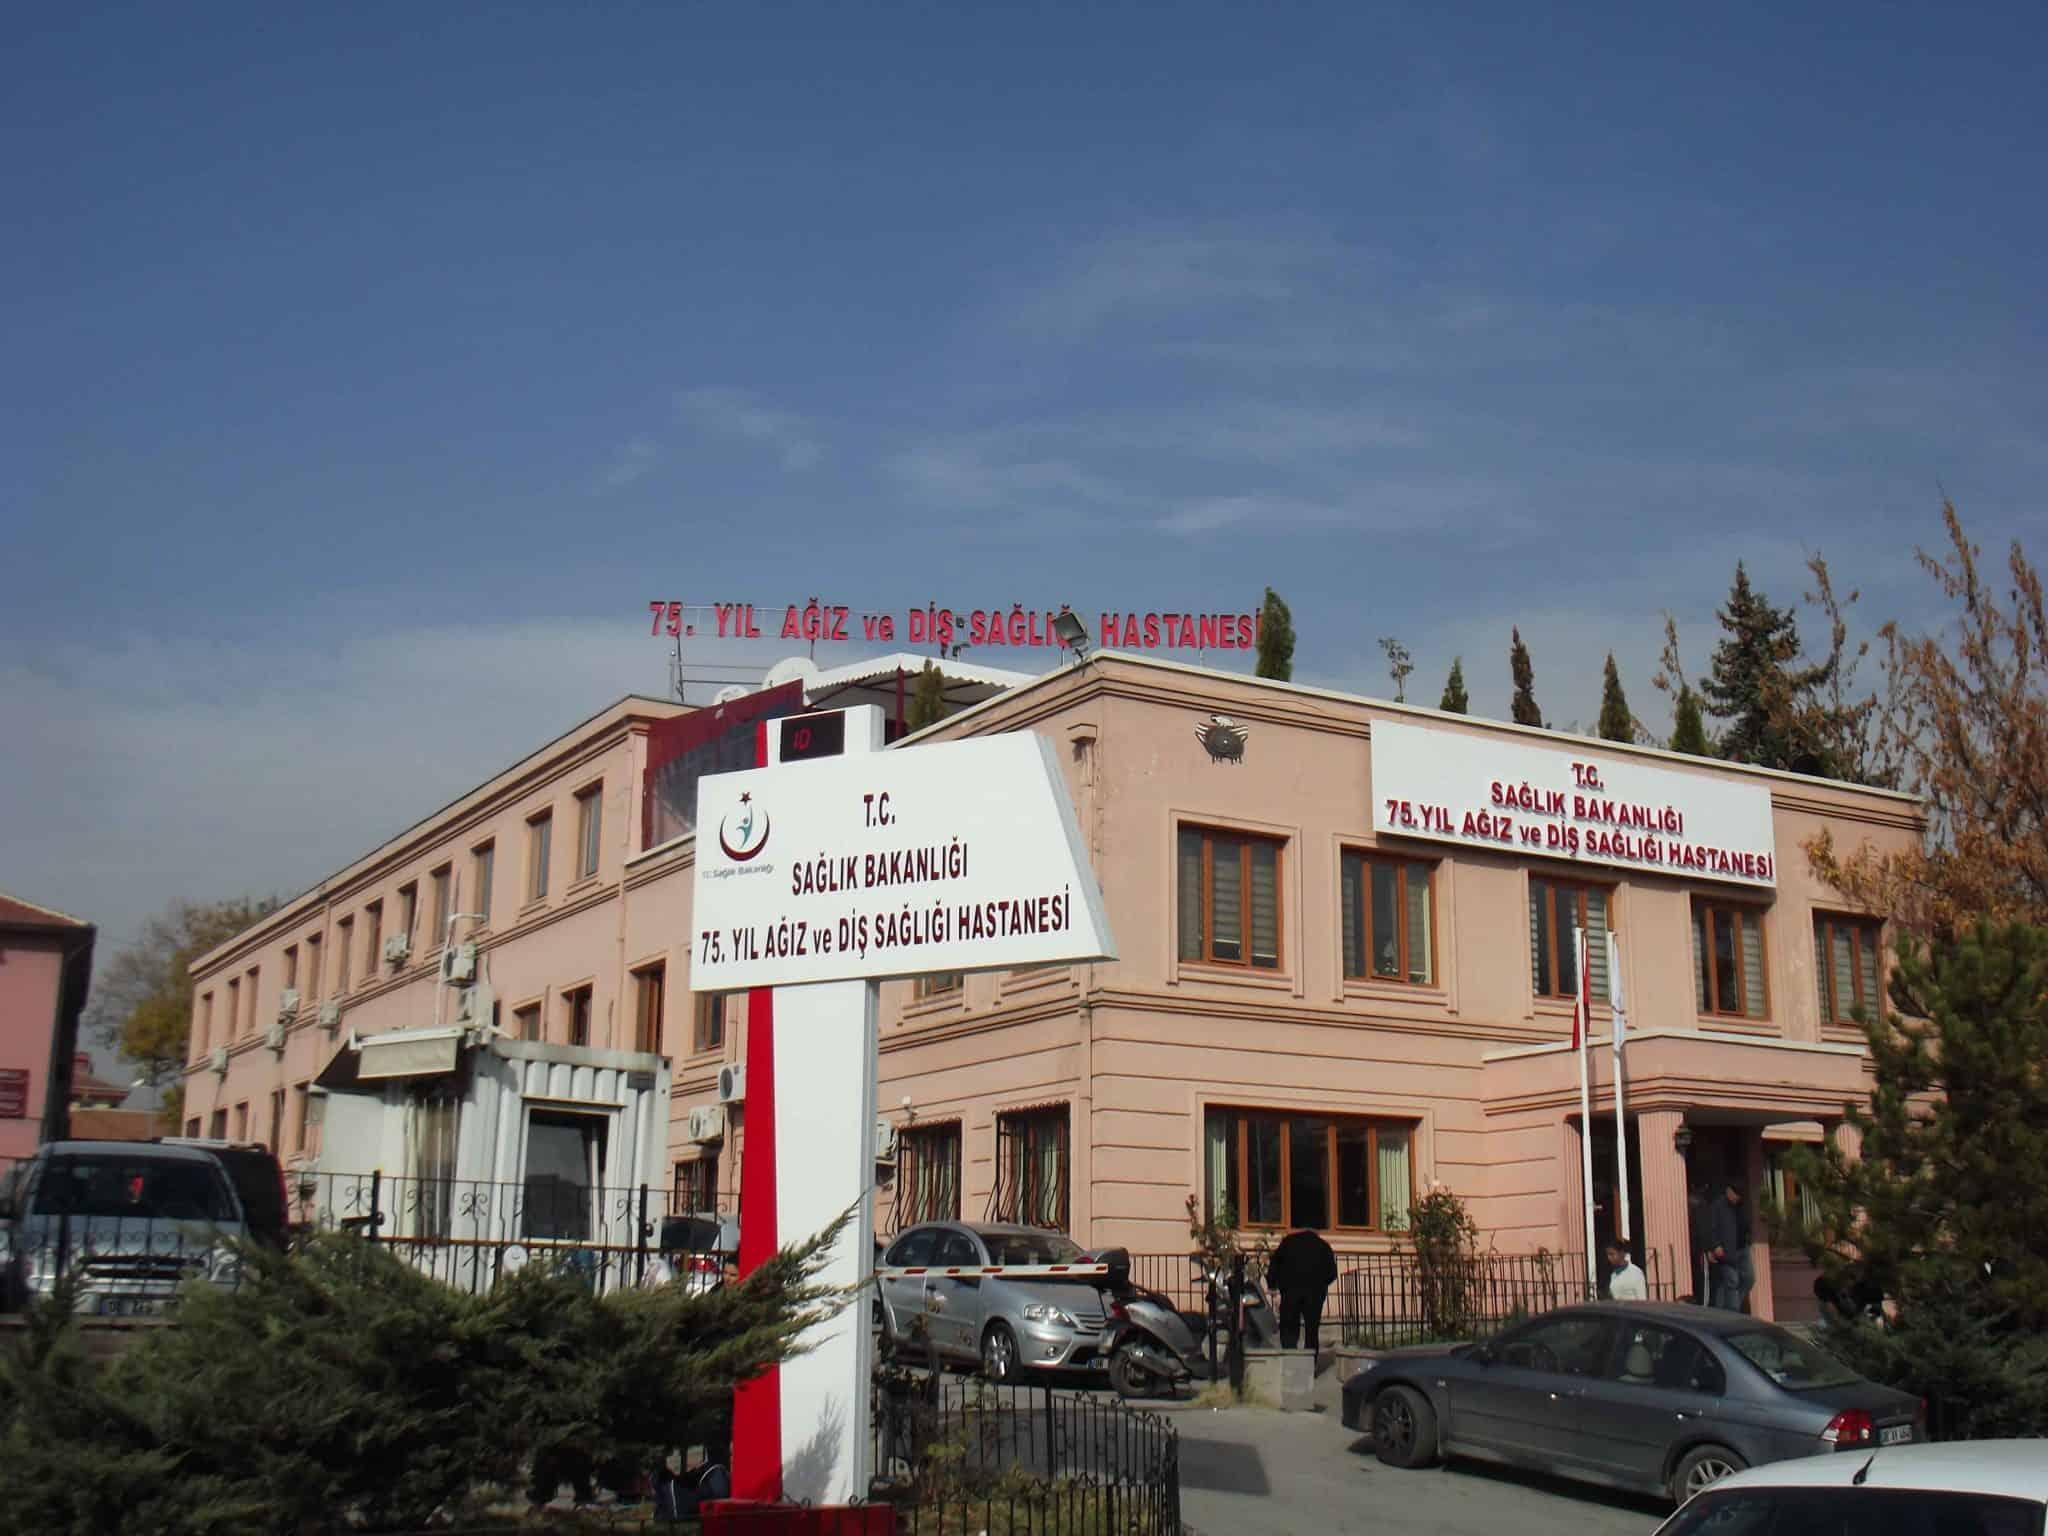 Ankara 75. Yıl Ağız ve Diş Sağlığı Hastanesi